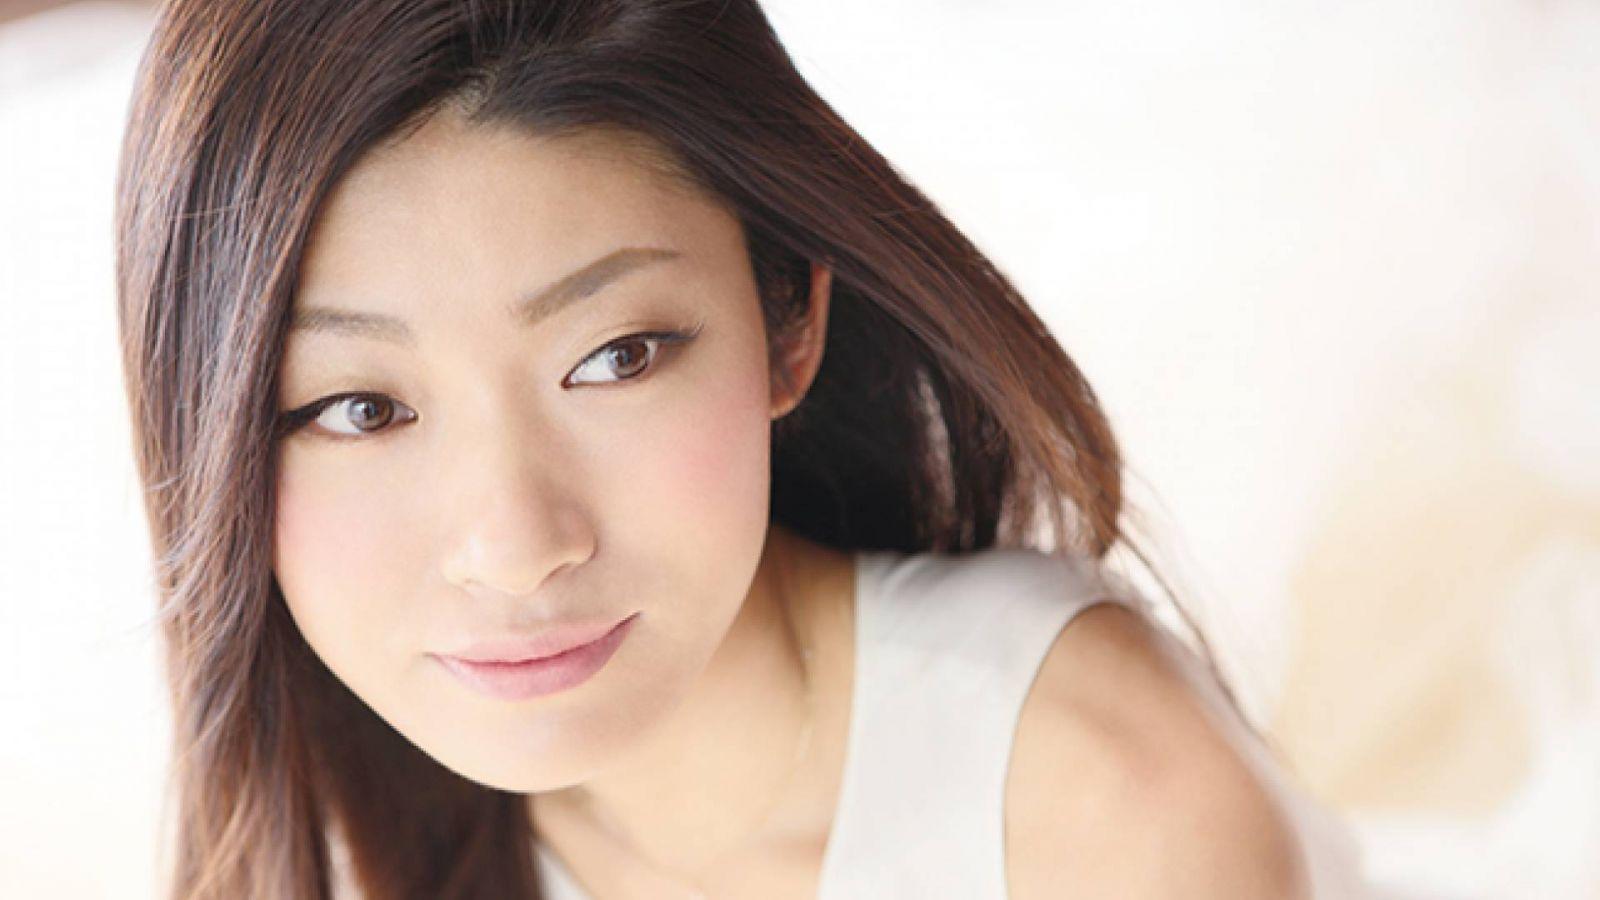 Mayuko © Mayuko. Shuichi Tsunoda. All Rights Reserved.